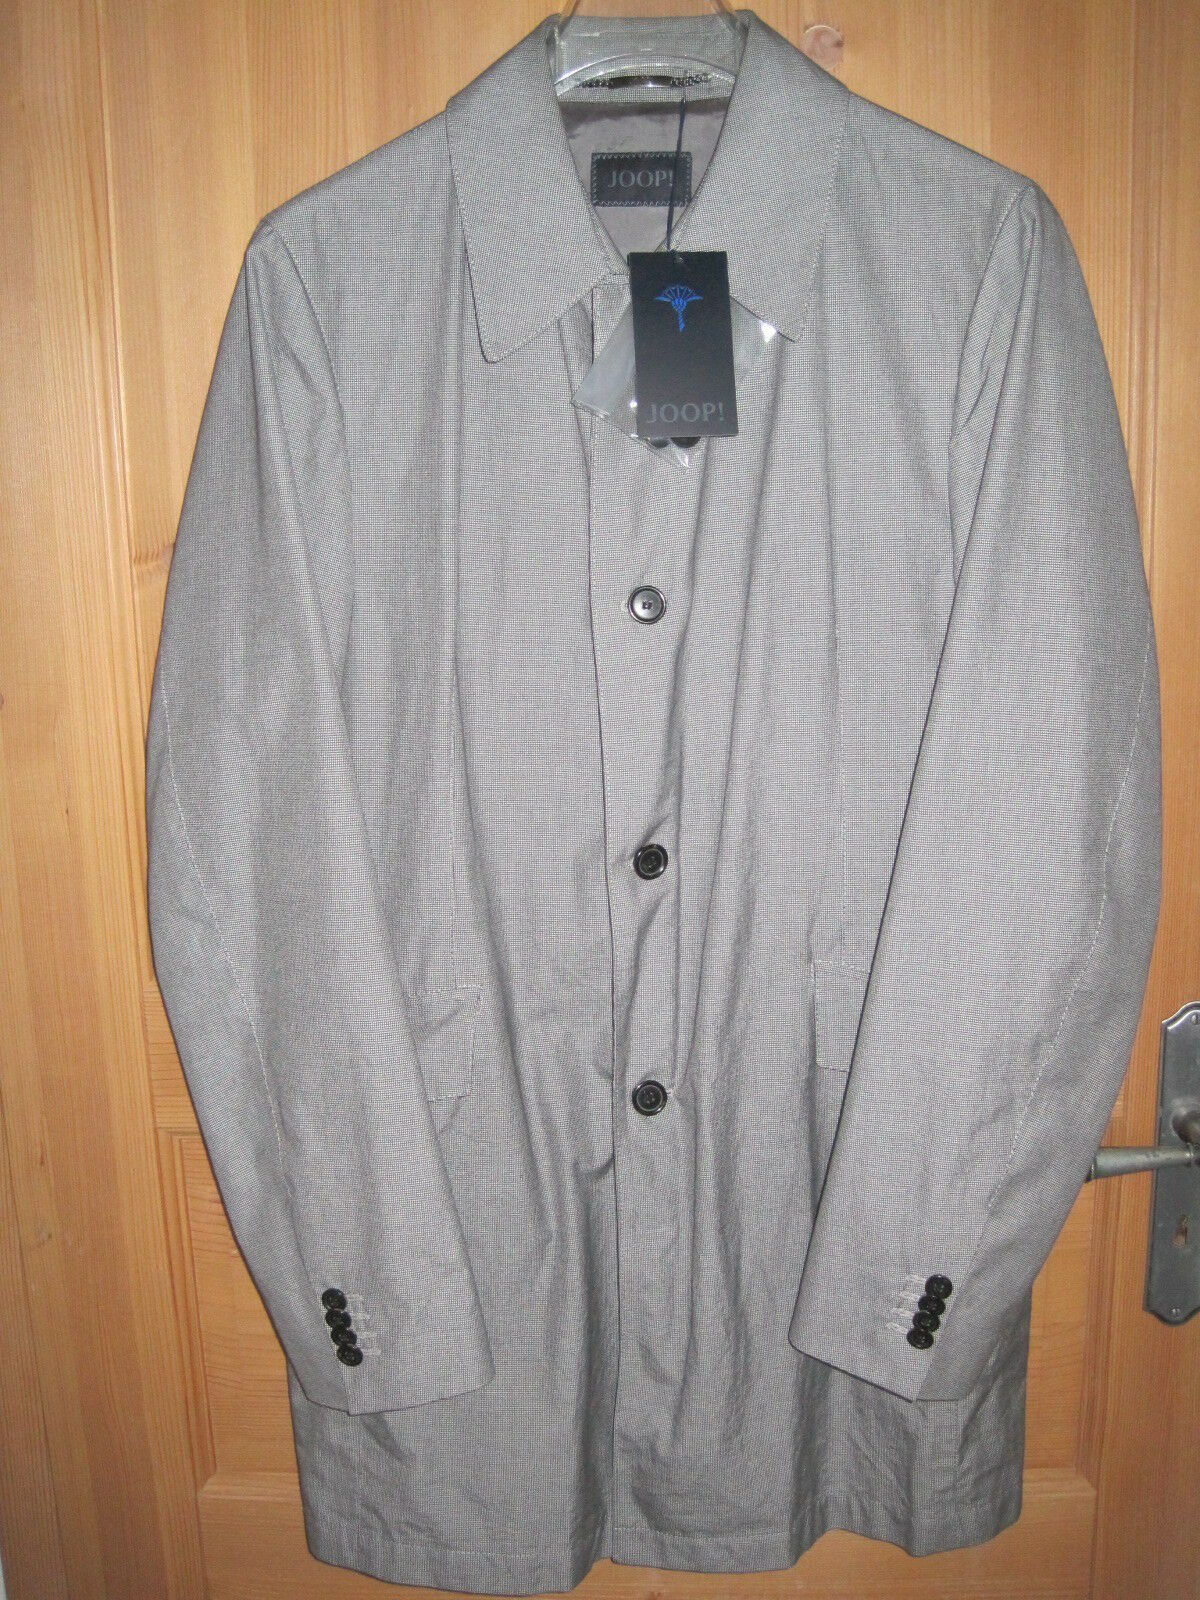 JOOP   Herrenmantel Mantel Trenchcoat Gr. 52 Large - Klassisch - High Quality